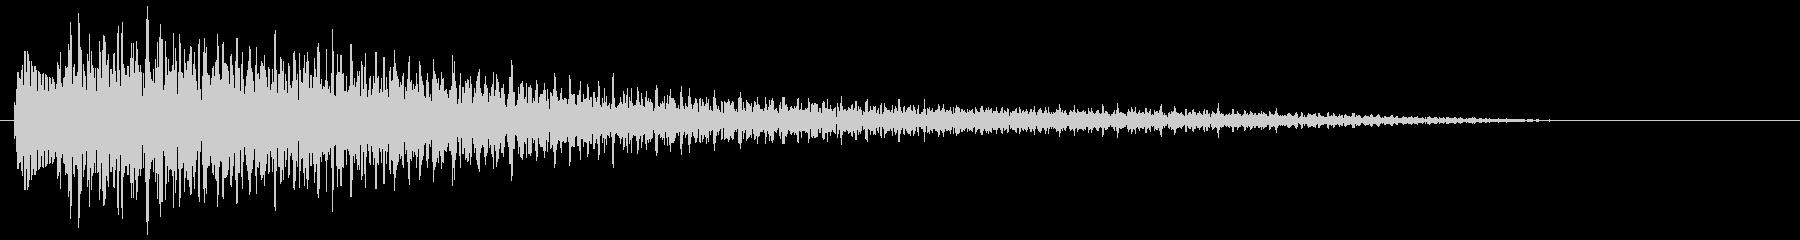 【ピアノ生演奏】心安らぐジングルの未再生の波形